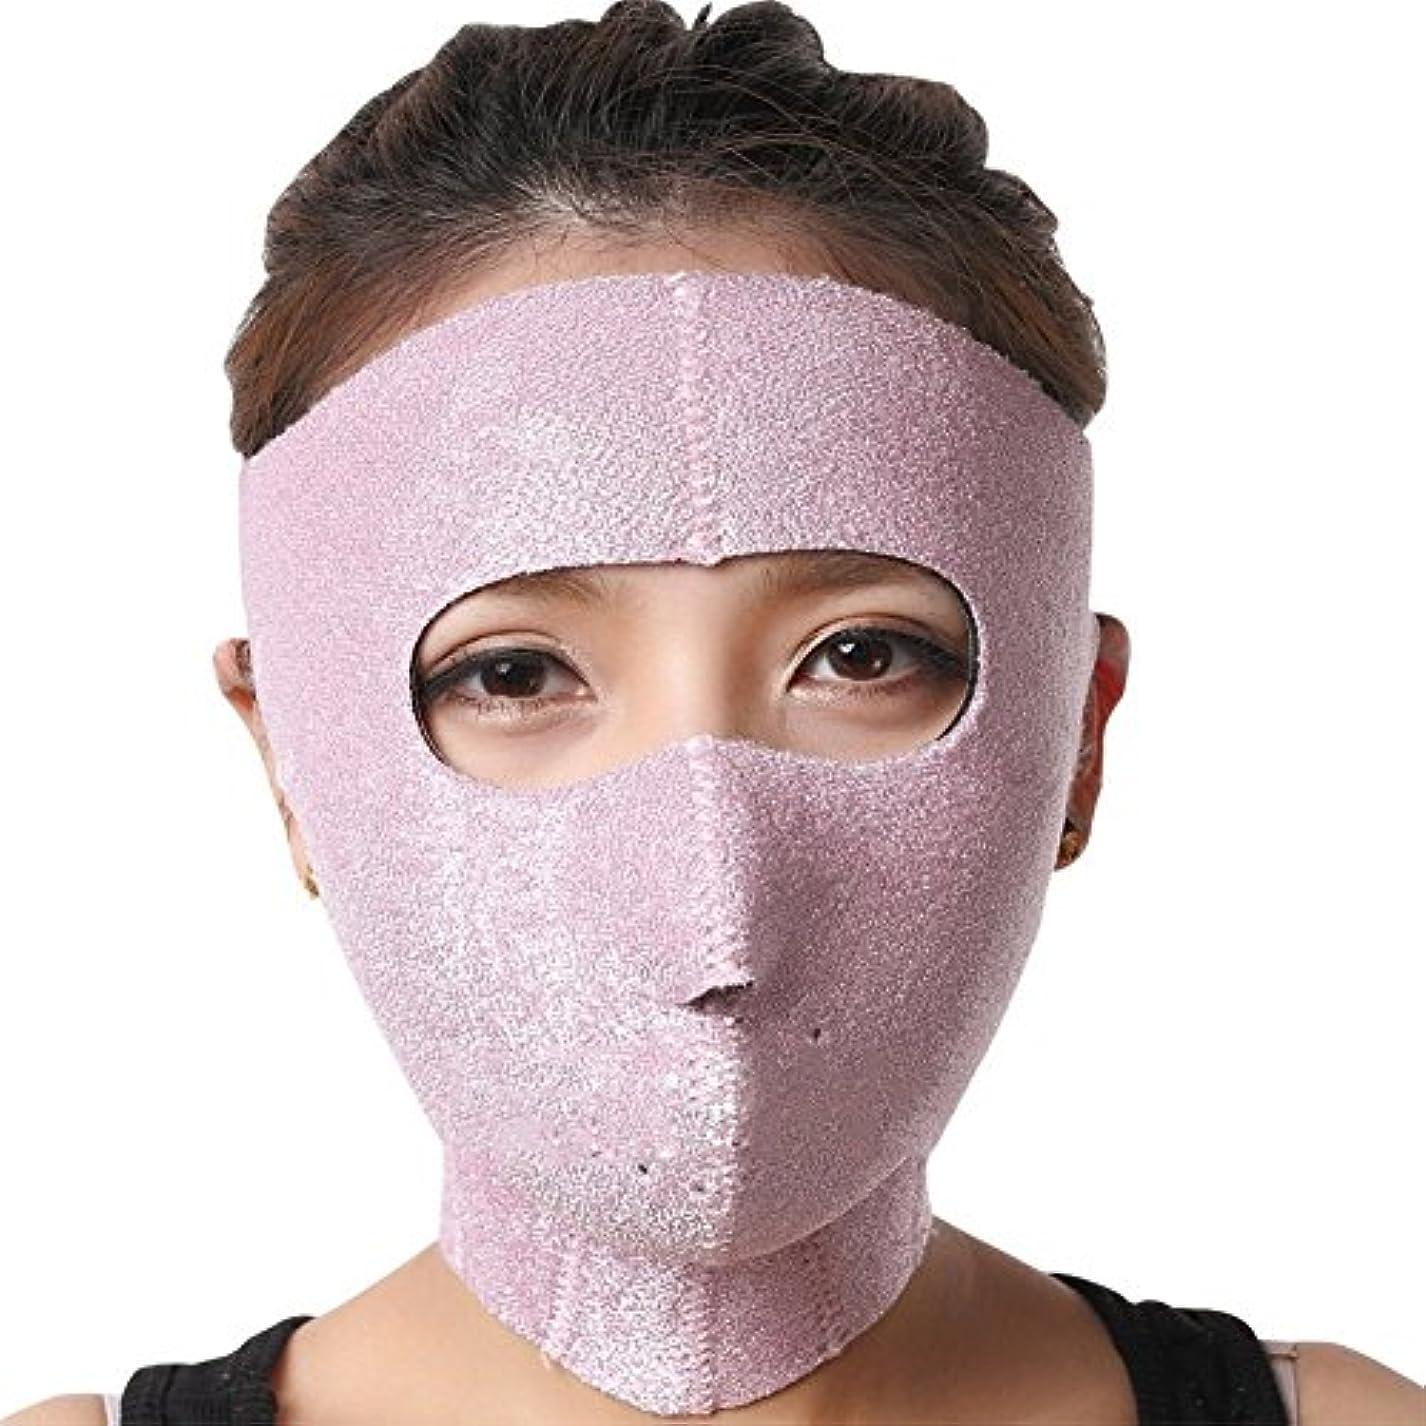 流す適用済み比類のない汗だくマスク 小顔 サウナ マスク 汗 発汗 フェイス 顔 TEC-KONARUD